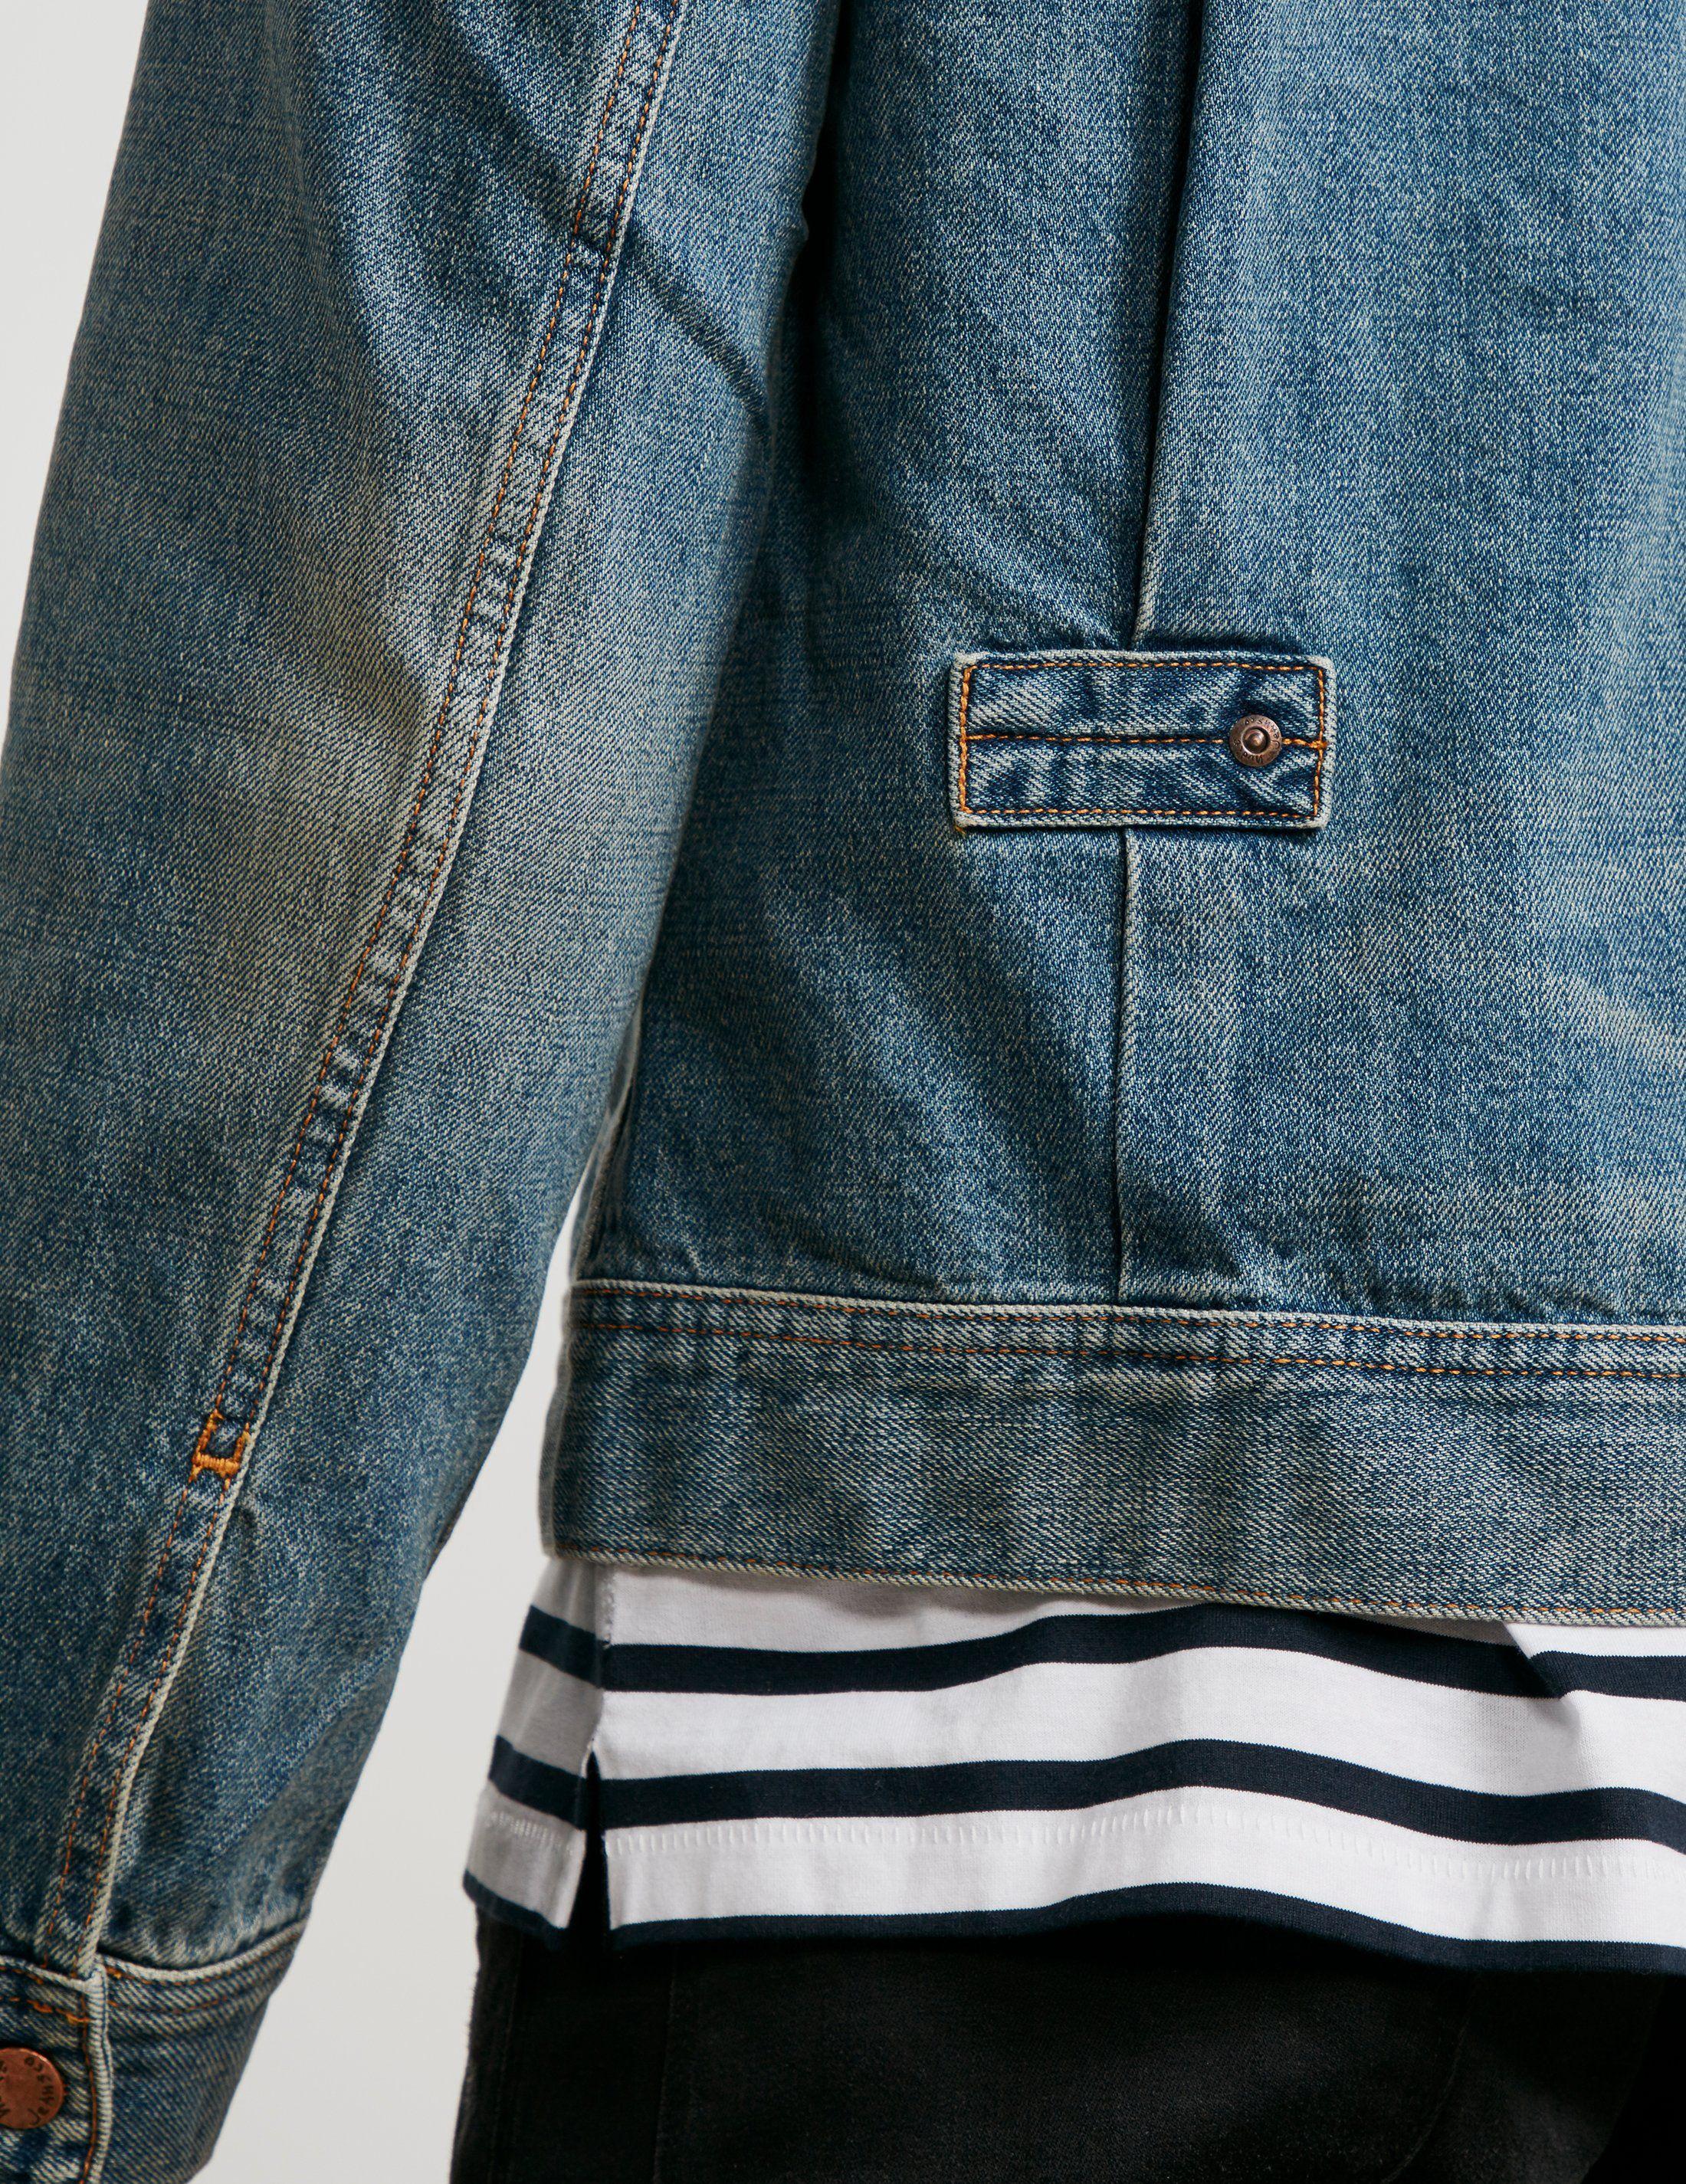 Nudie Jeans Sonny Denim Jacket - Online Exclusive